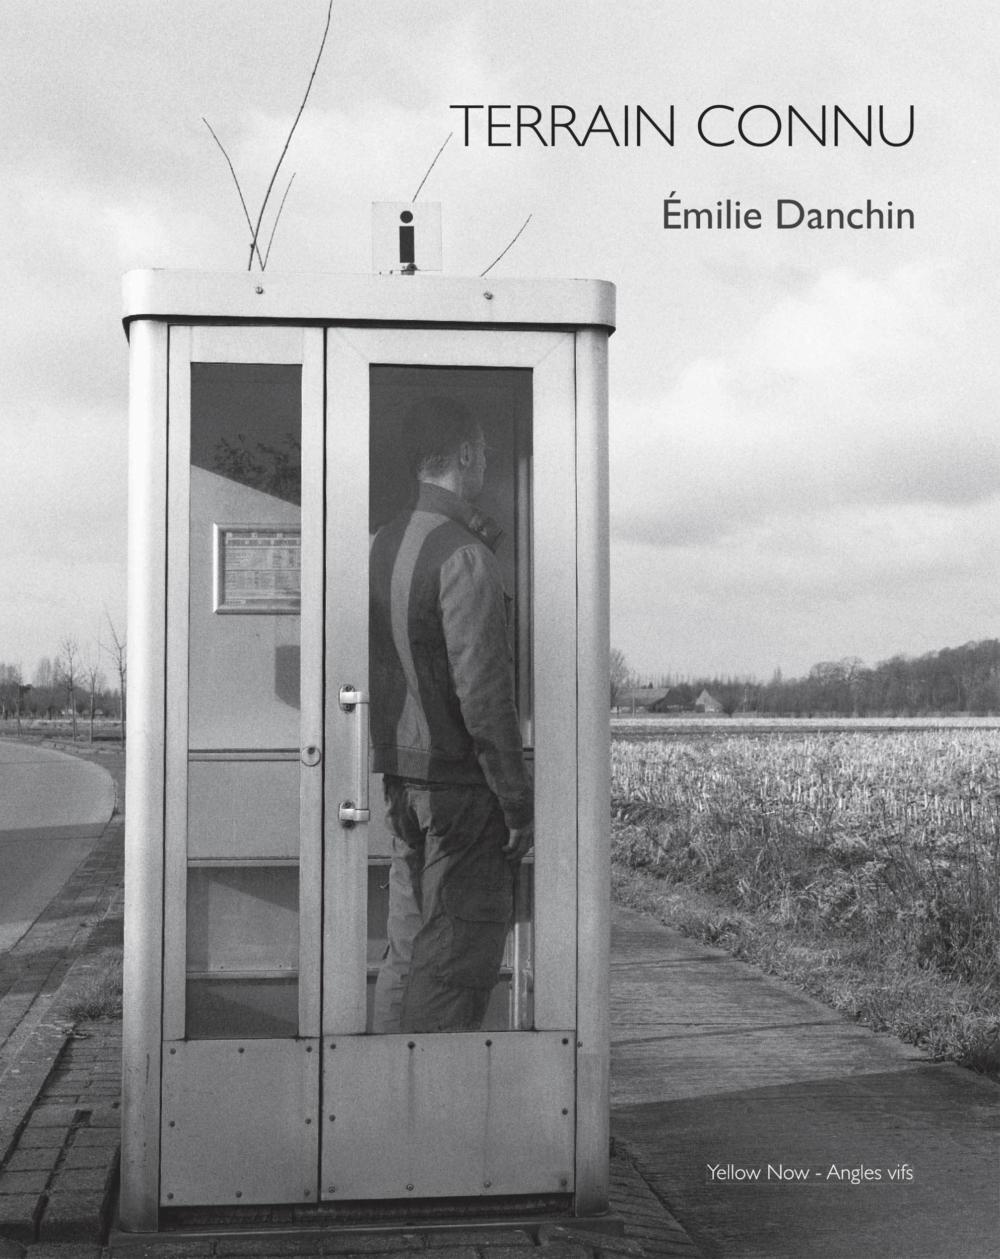 Terrain connu, livre photo d'Émilie Danchin (éditions Yellow Now, collection Angles vifs) / couverture